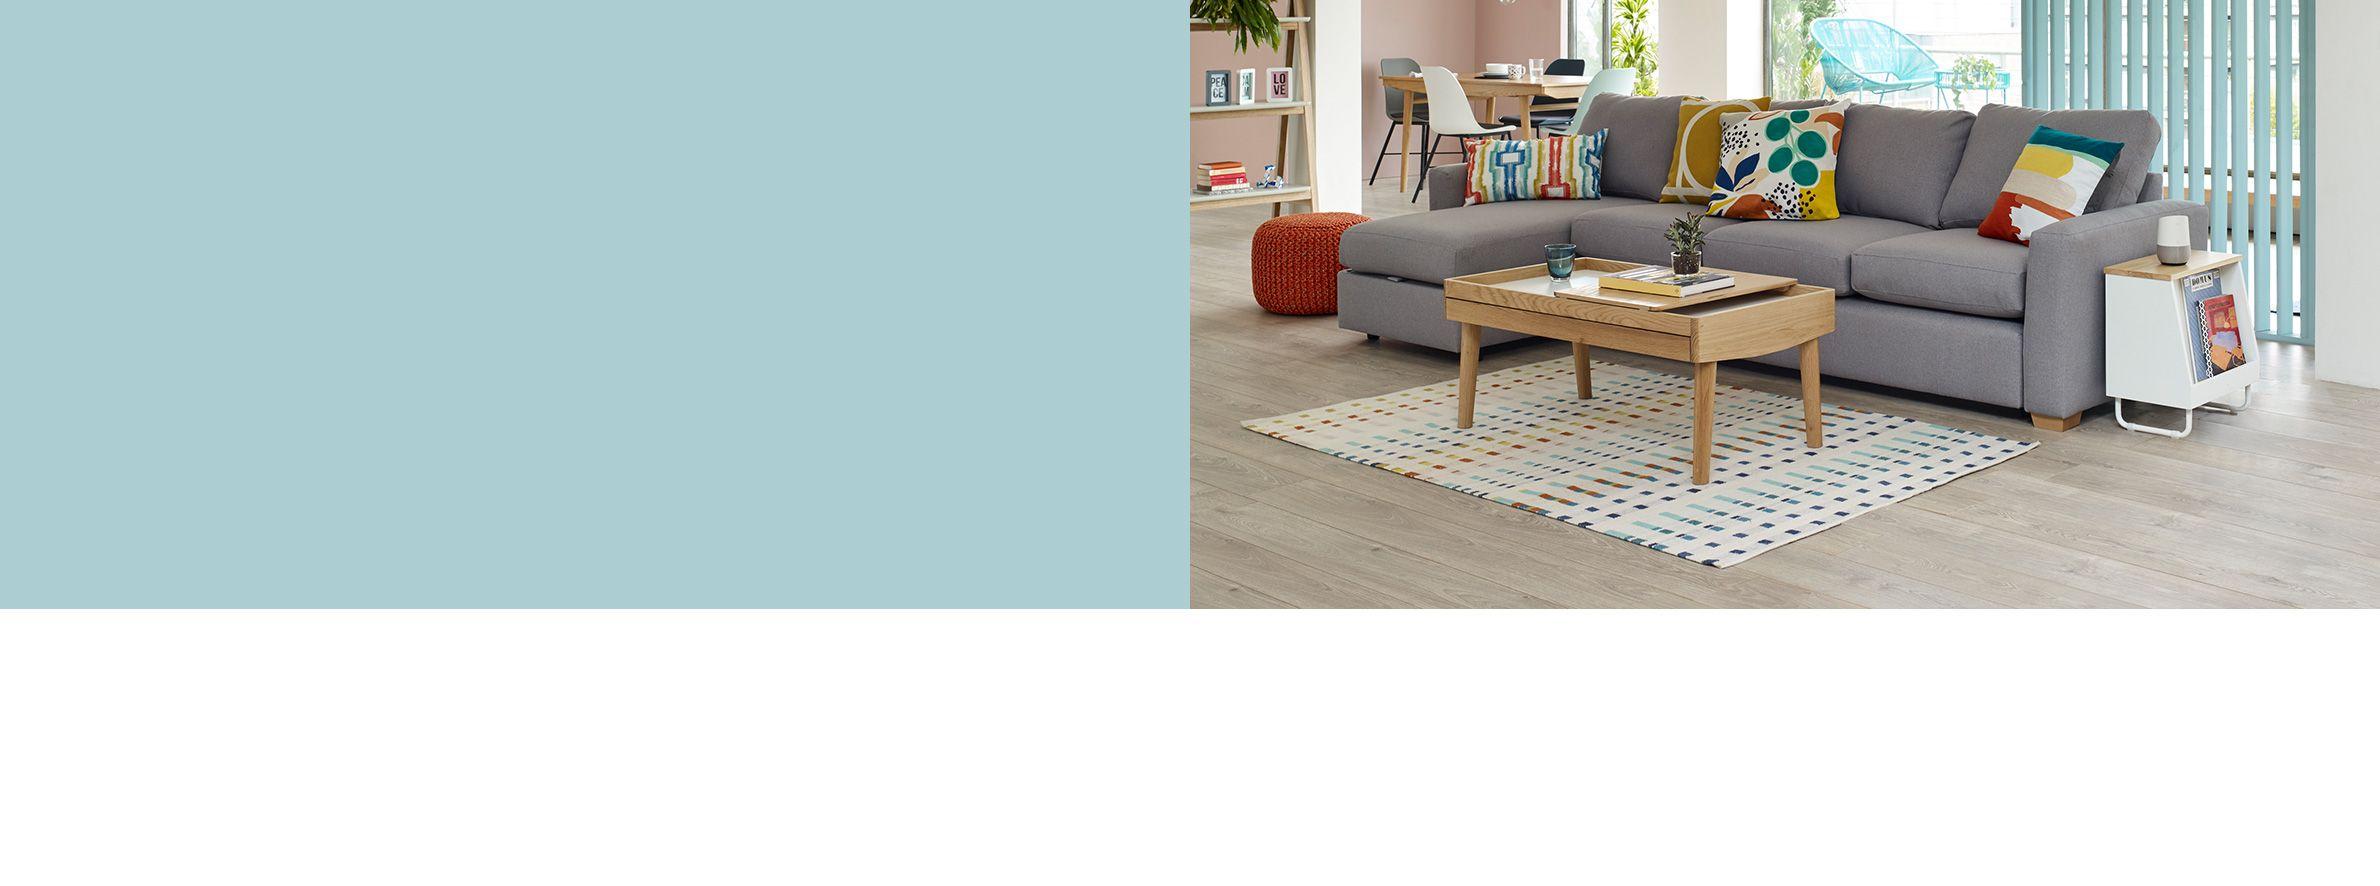 house by john lewis john lewis. Black Bedroom Furniture Sets. Home Design Ideas